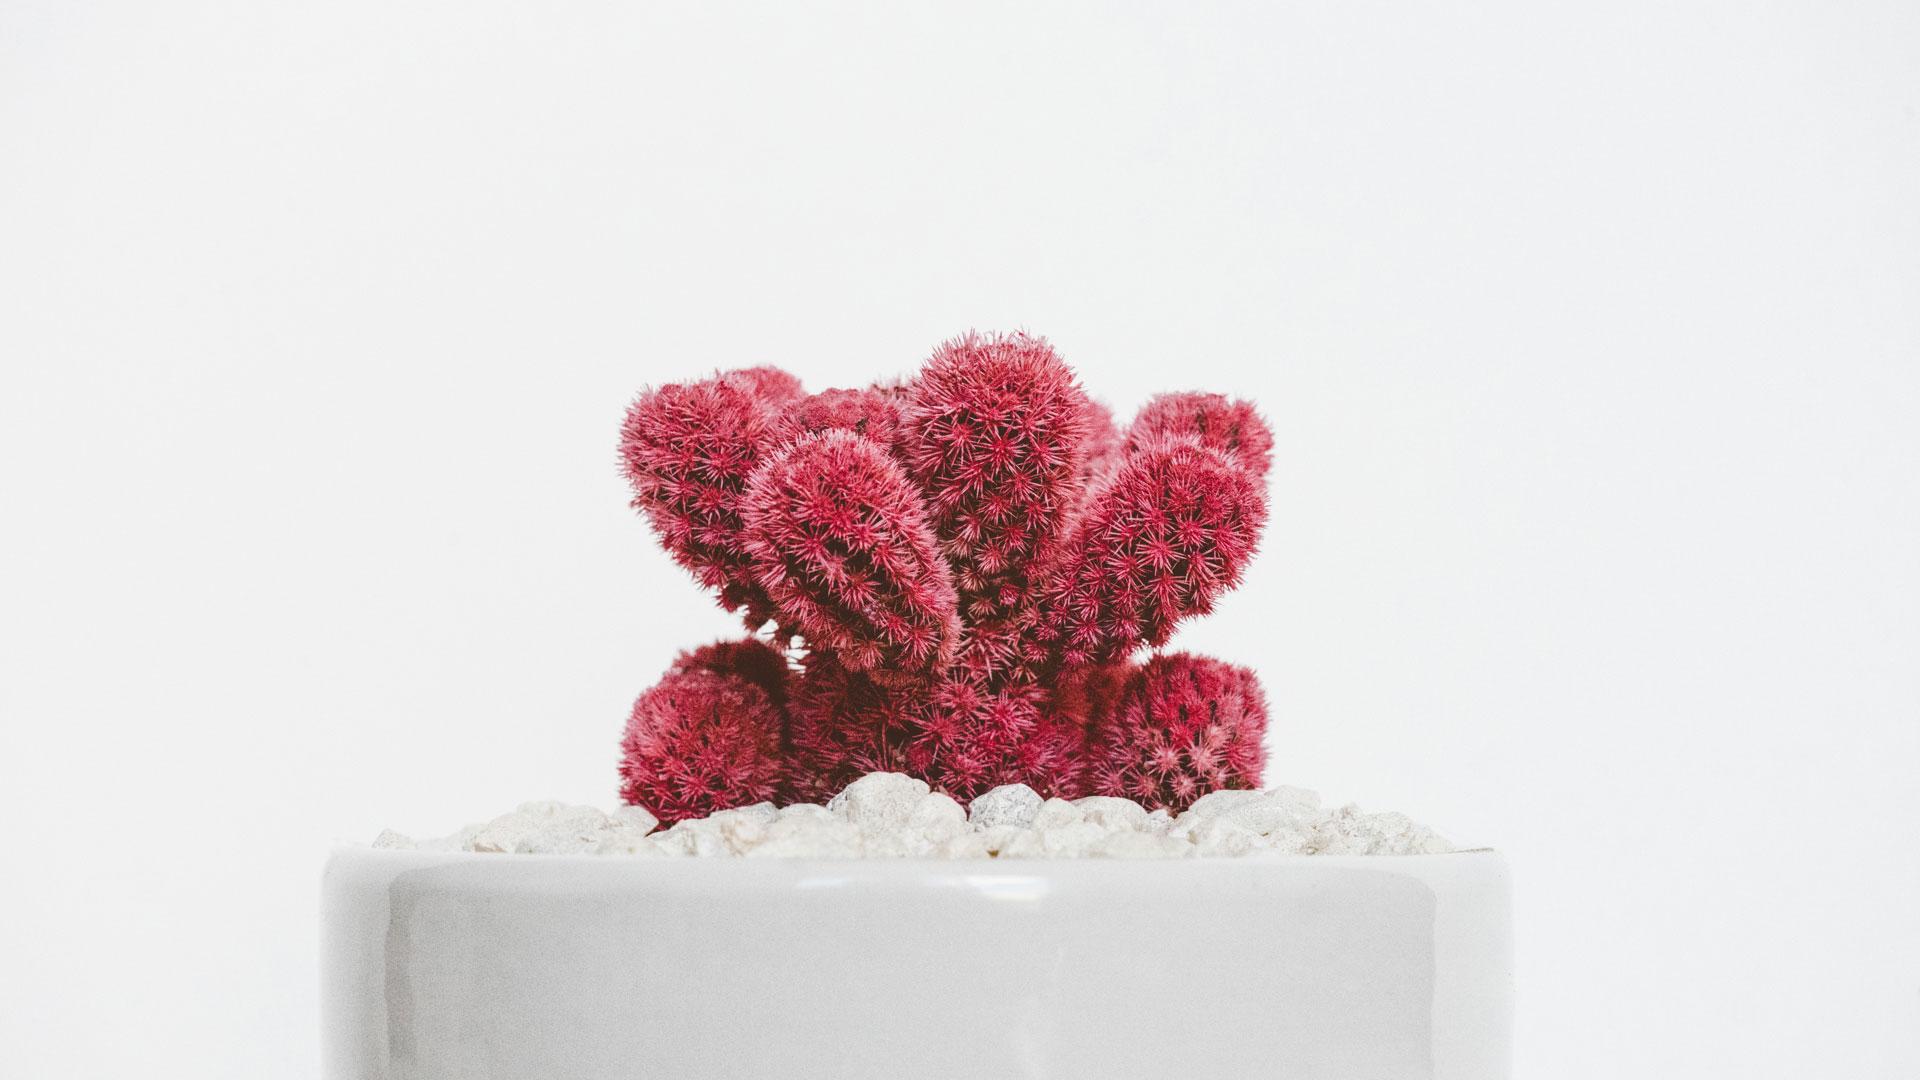 кактус сүрөт